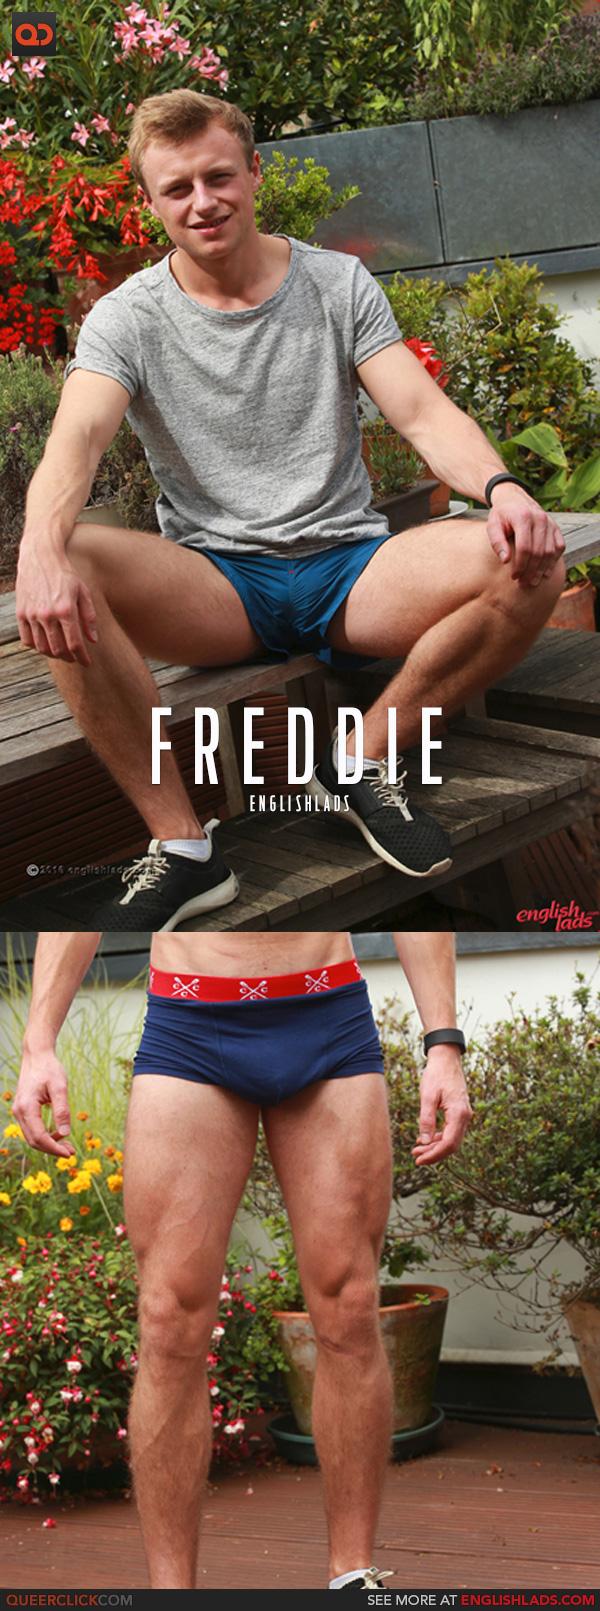 englishlads-freddie